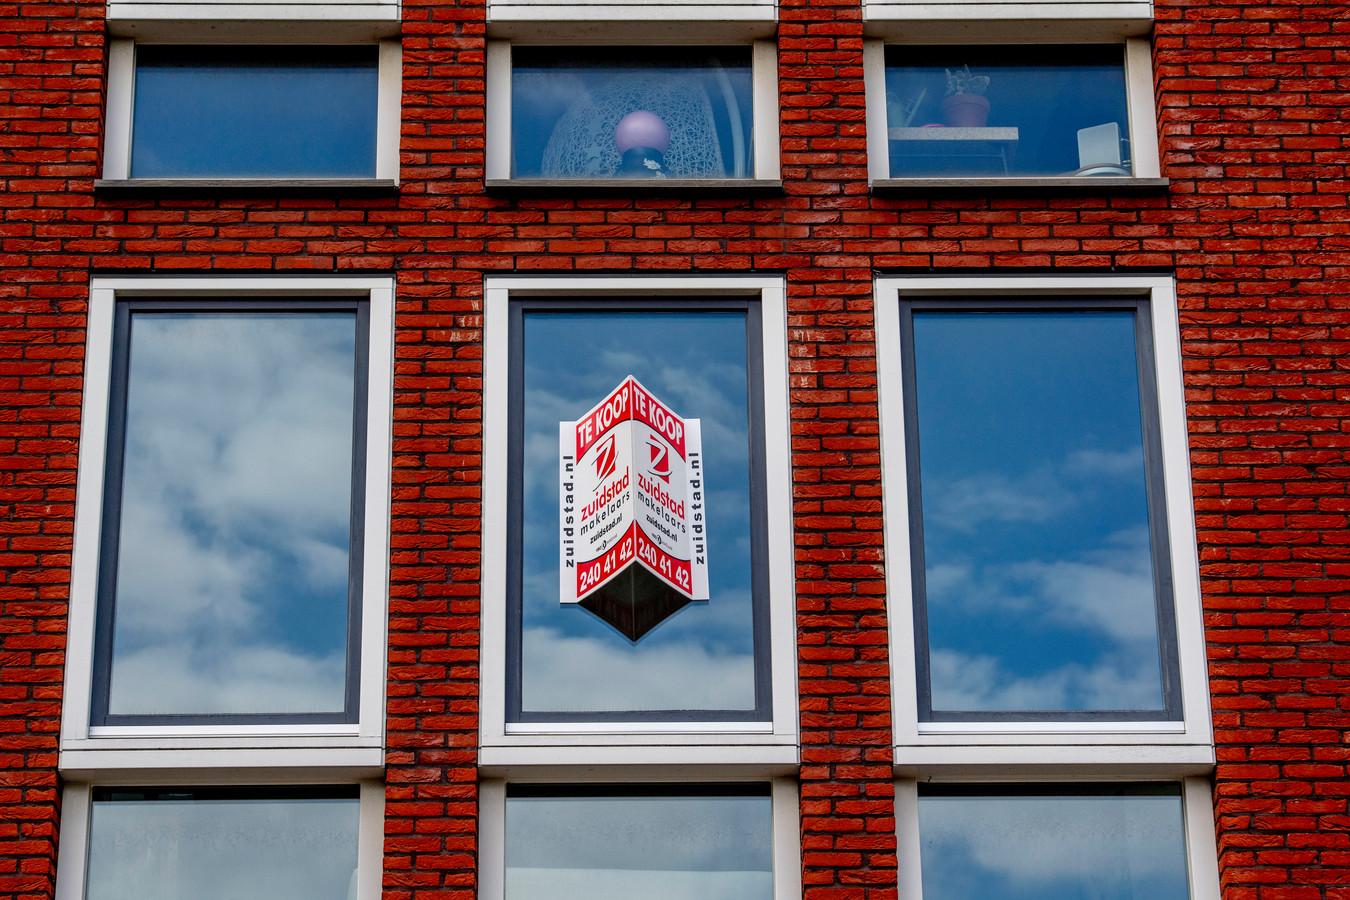 De periode van ongeremde stijgingen van de huizenprijs in Nederland is voorbij.